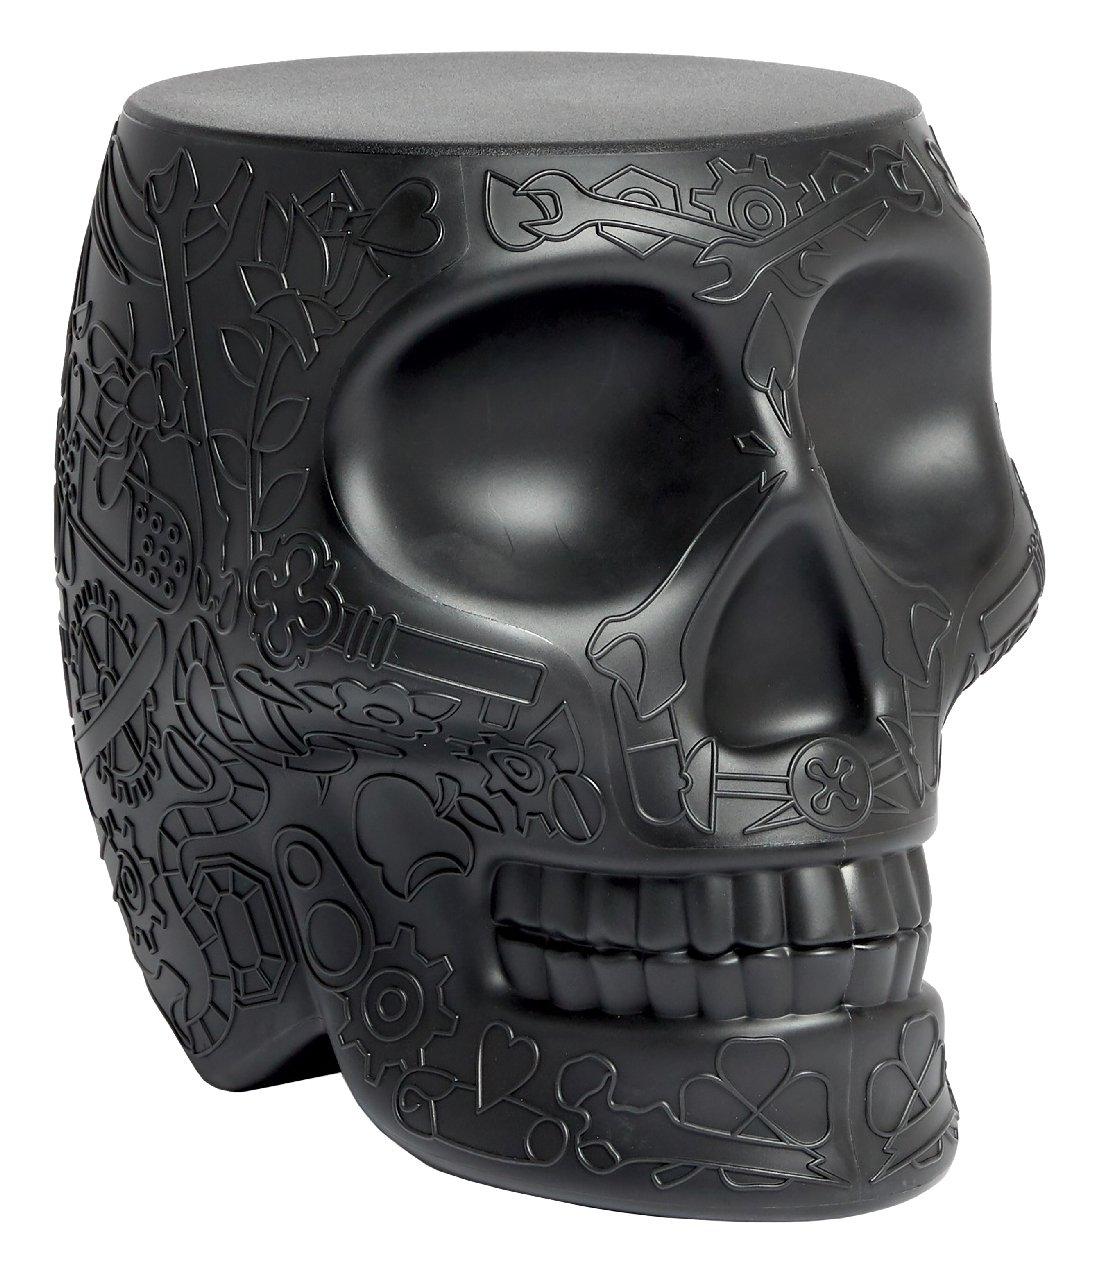 Qeeboo Mexico Hocker und Beistelltisch, Polyethylen, Schwarz, 38.2 x 53 x 45 cm